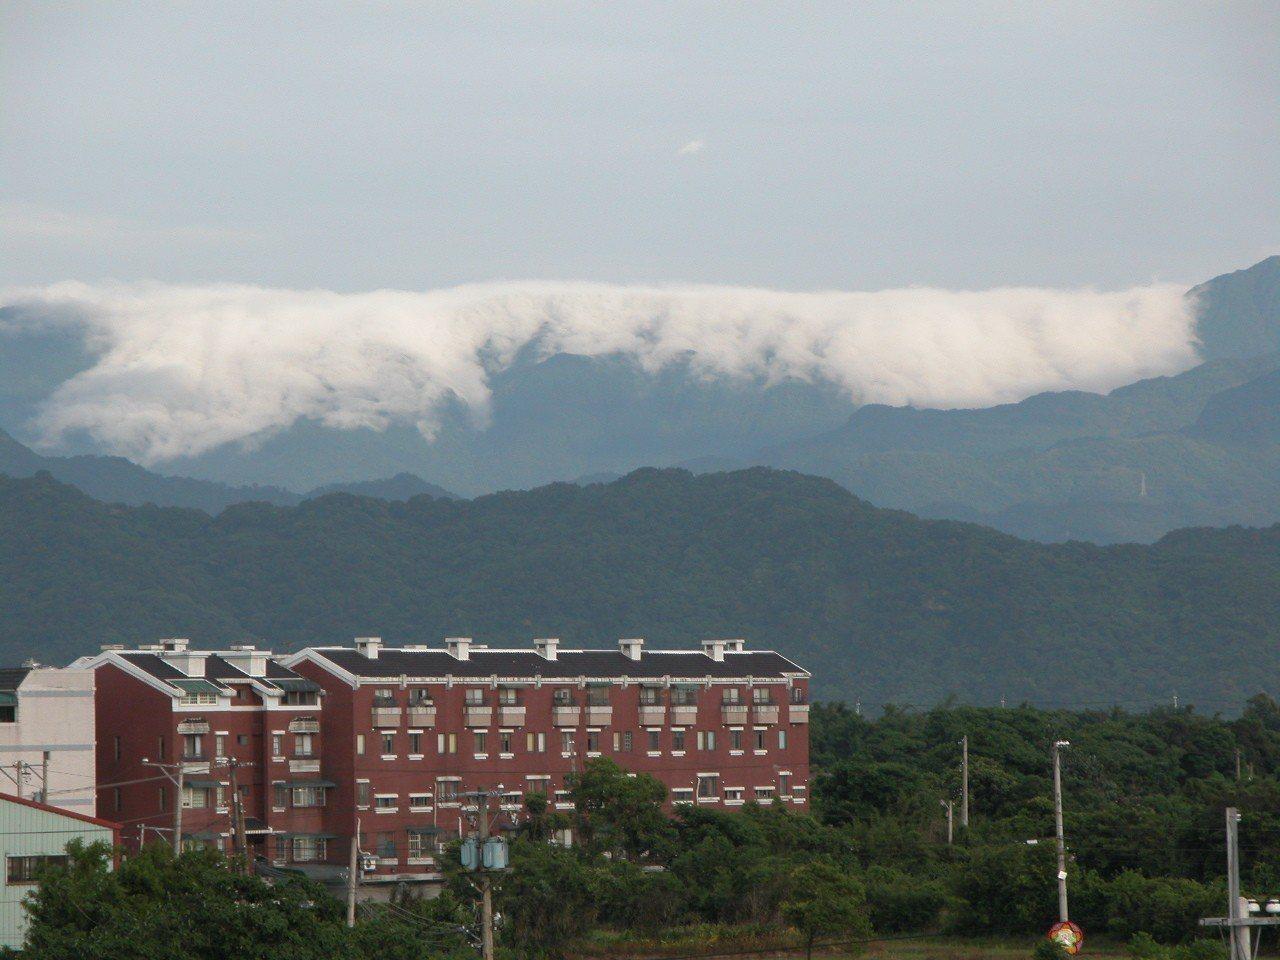 復興鄉插天山系出現雲瀑奇景,白雲如瀑布般翻山宣洩,鄰近的大溪、八德等地均可看到大...